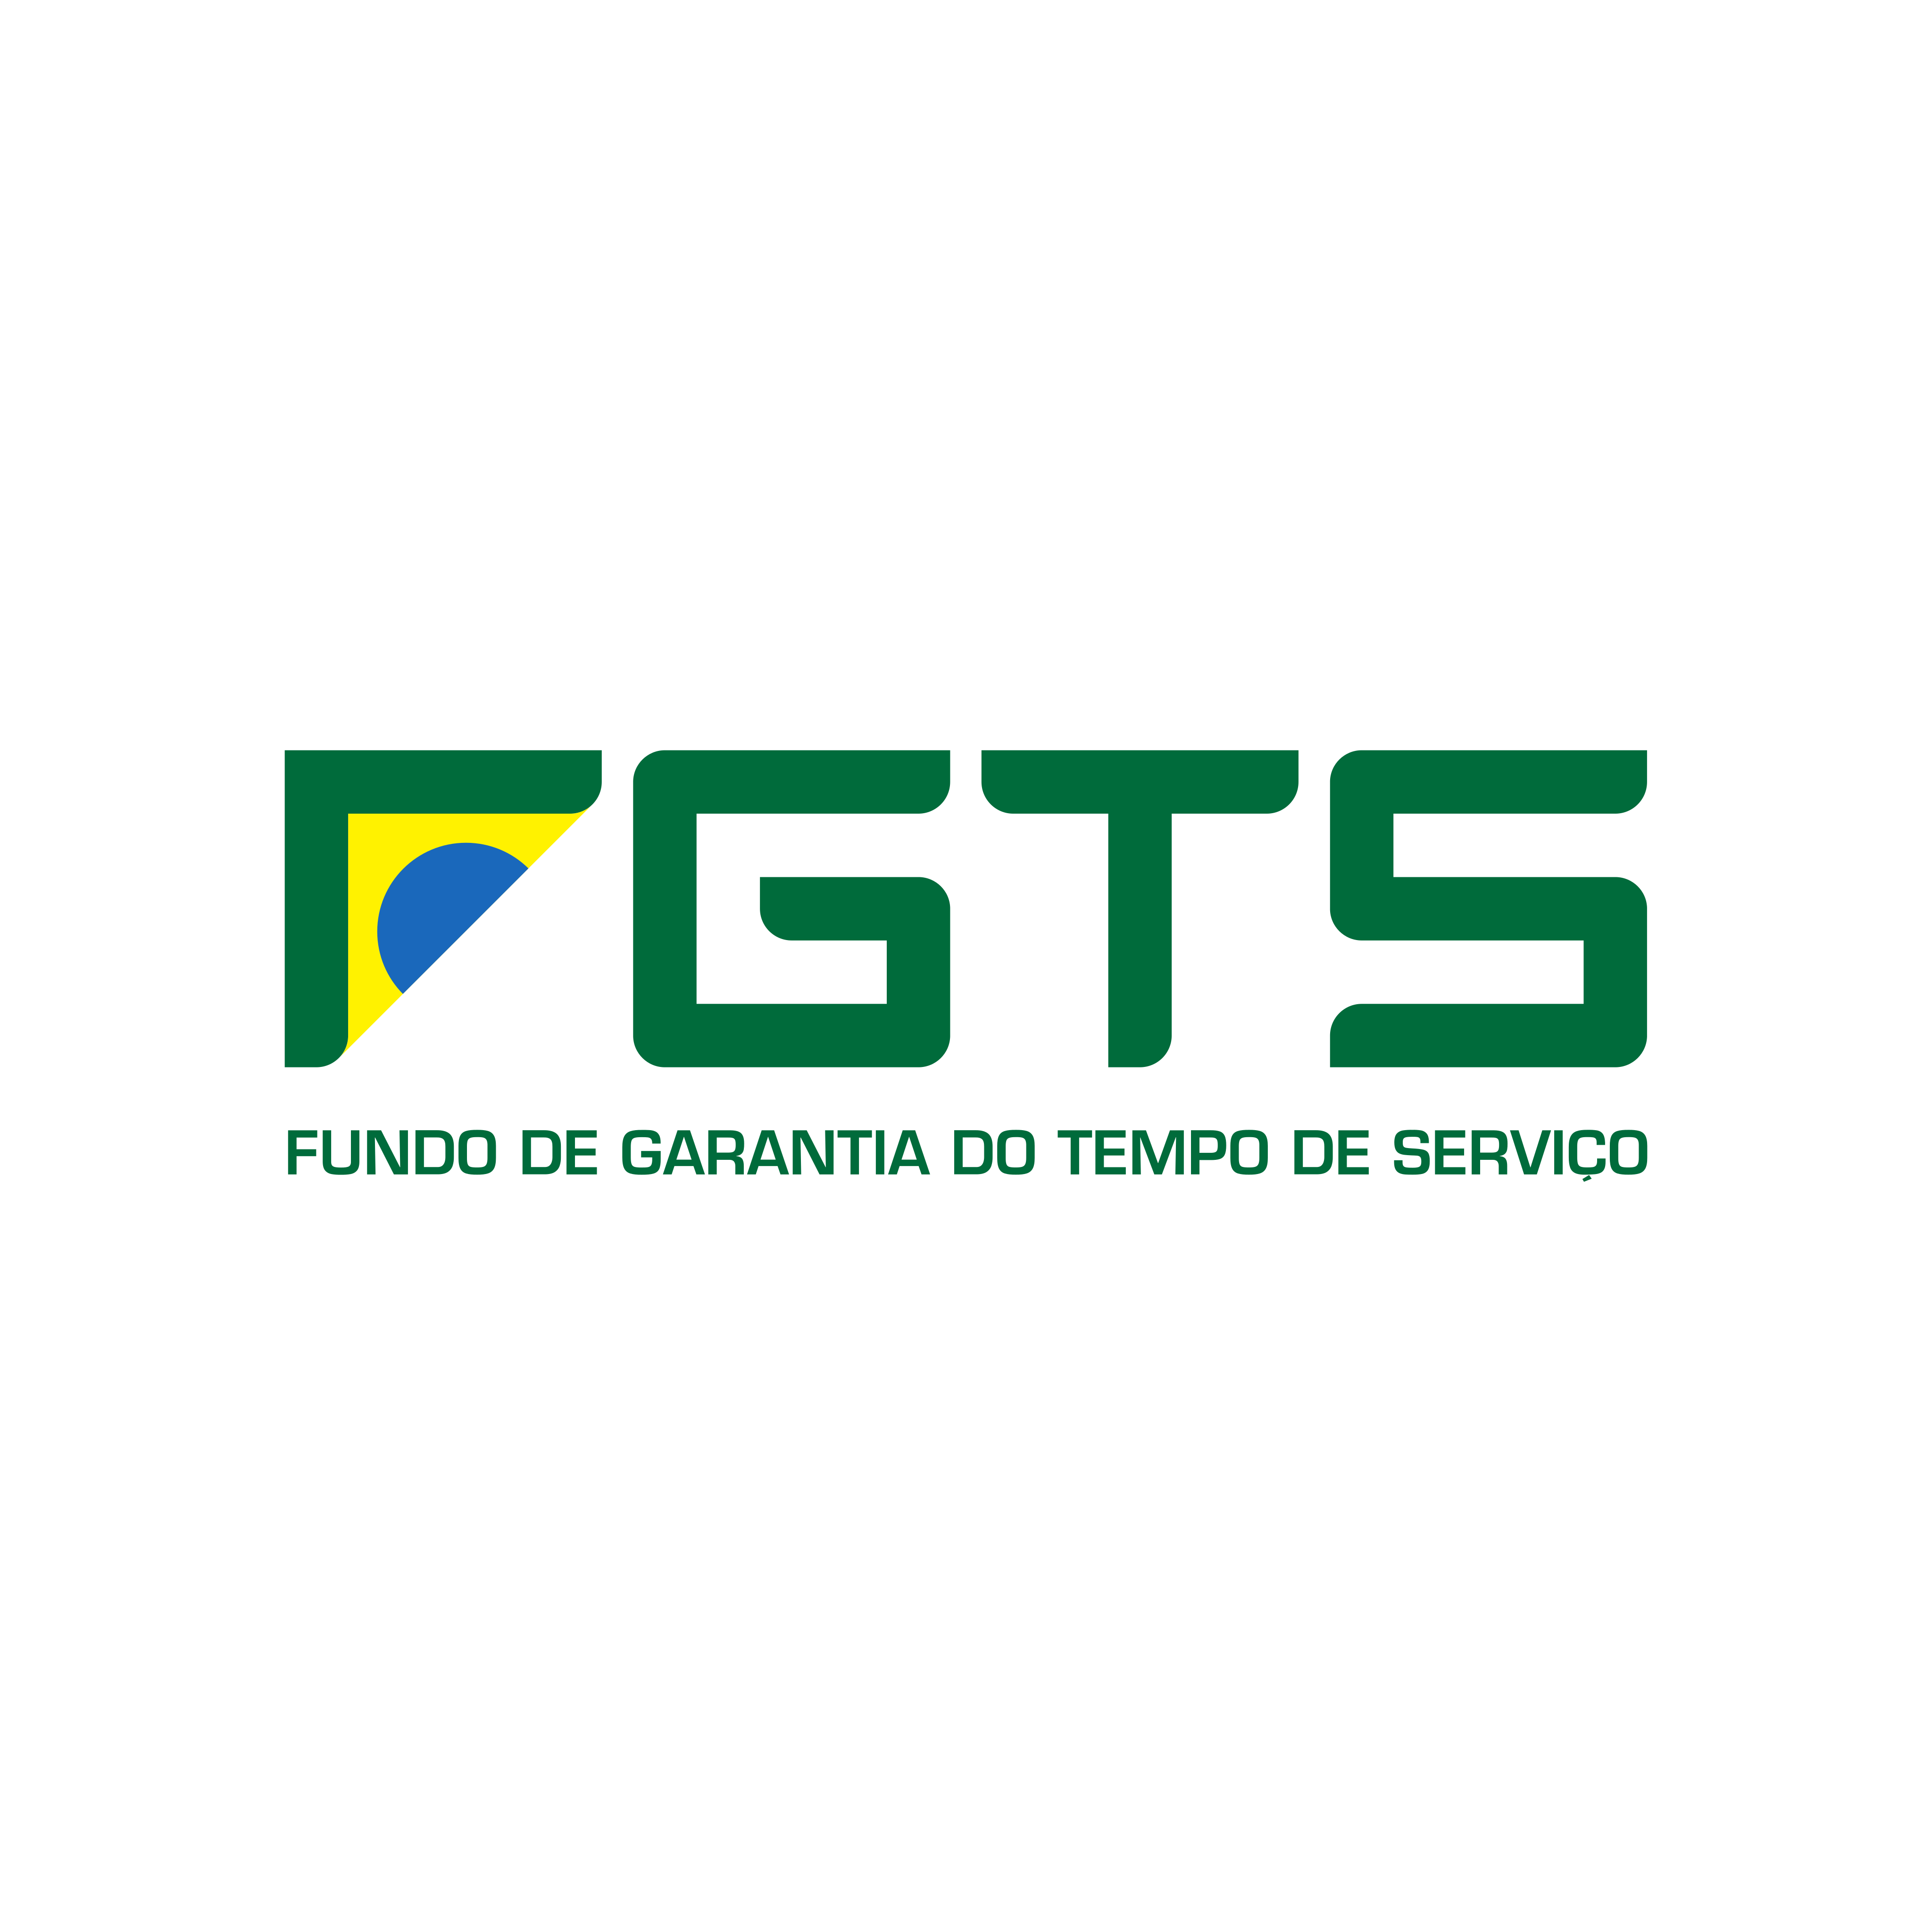 fgts logo 0 - FGTS Logo